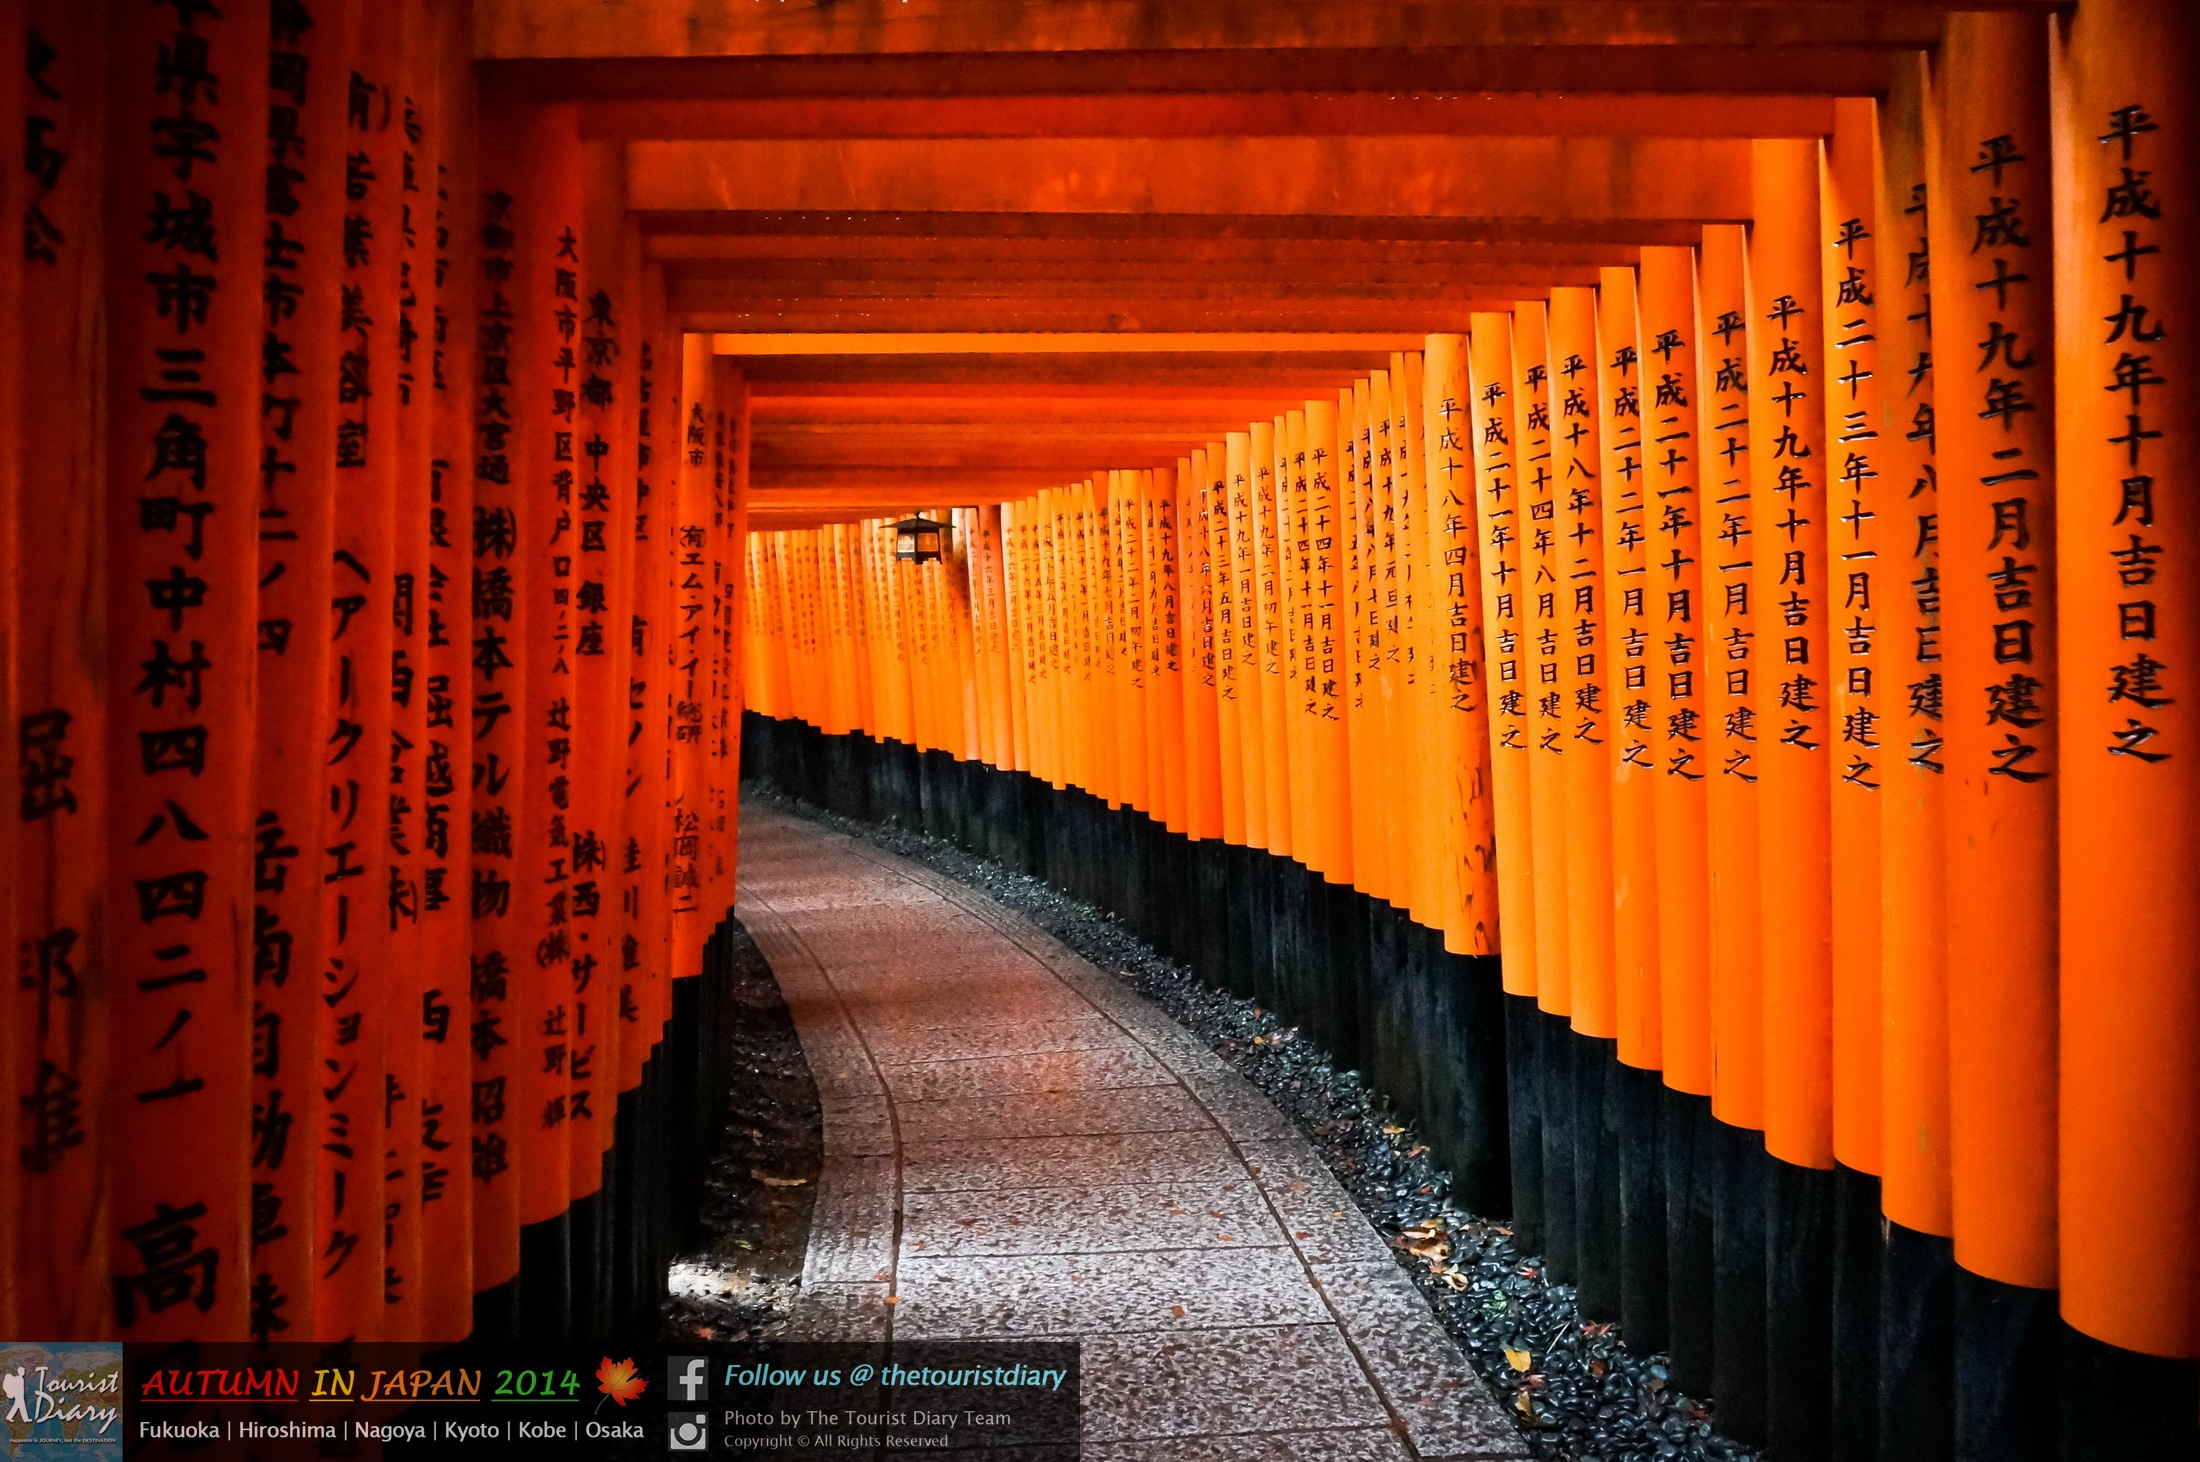 Kyoto | Fushimi Inari Shrine ฟูชิมิ อินาริ ศาลเจ้าเสาหมื่นต้น